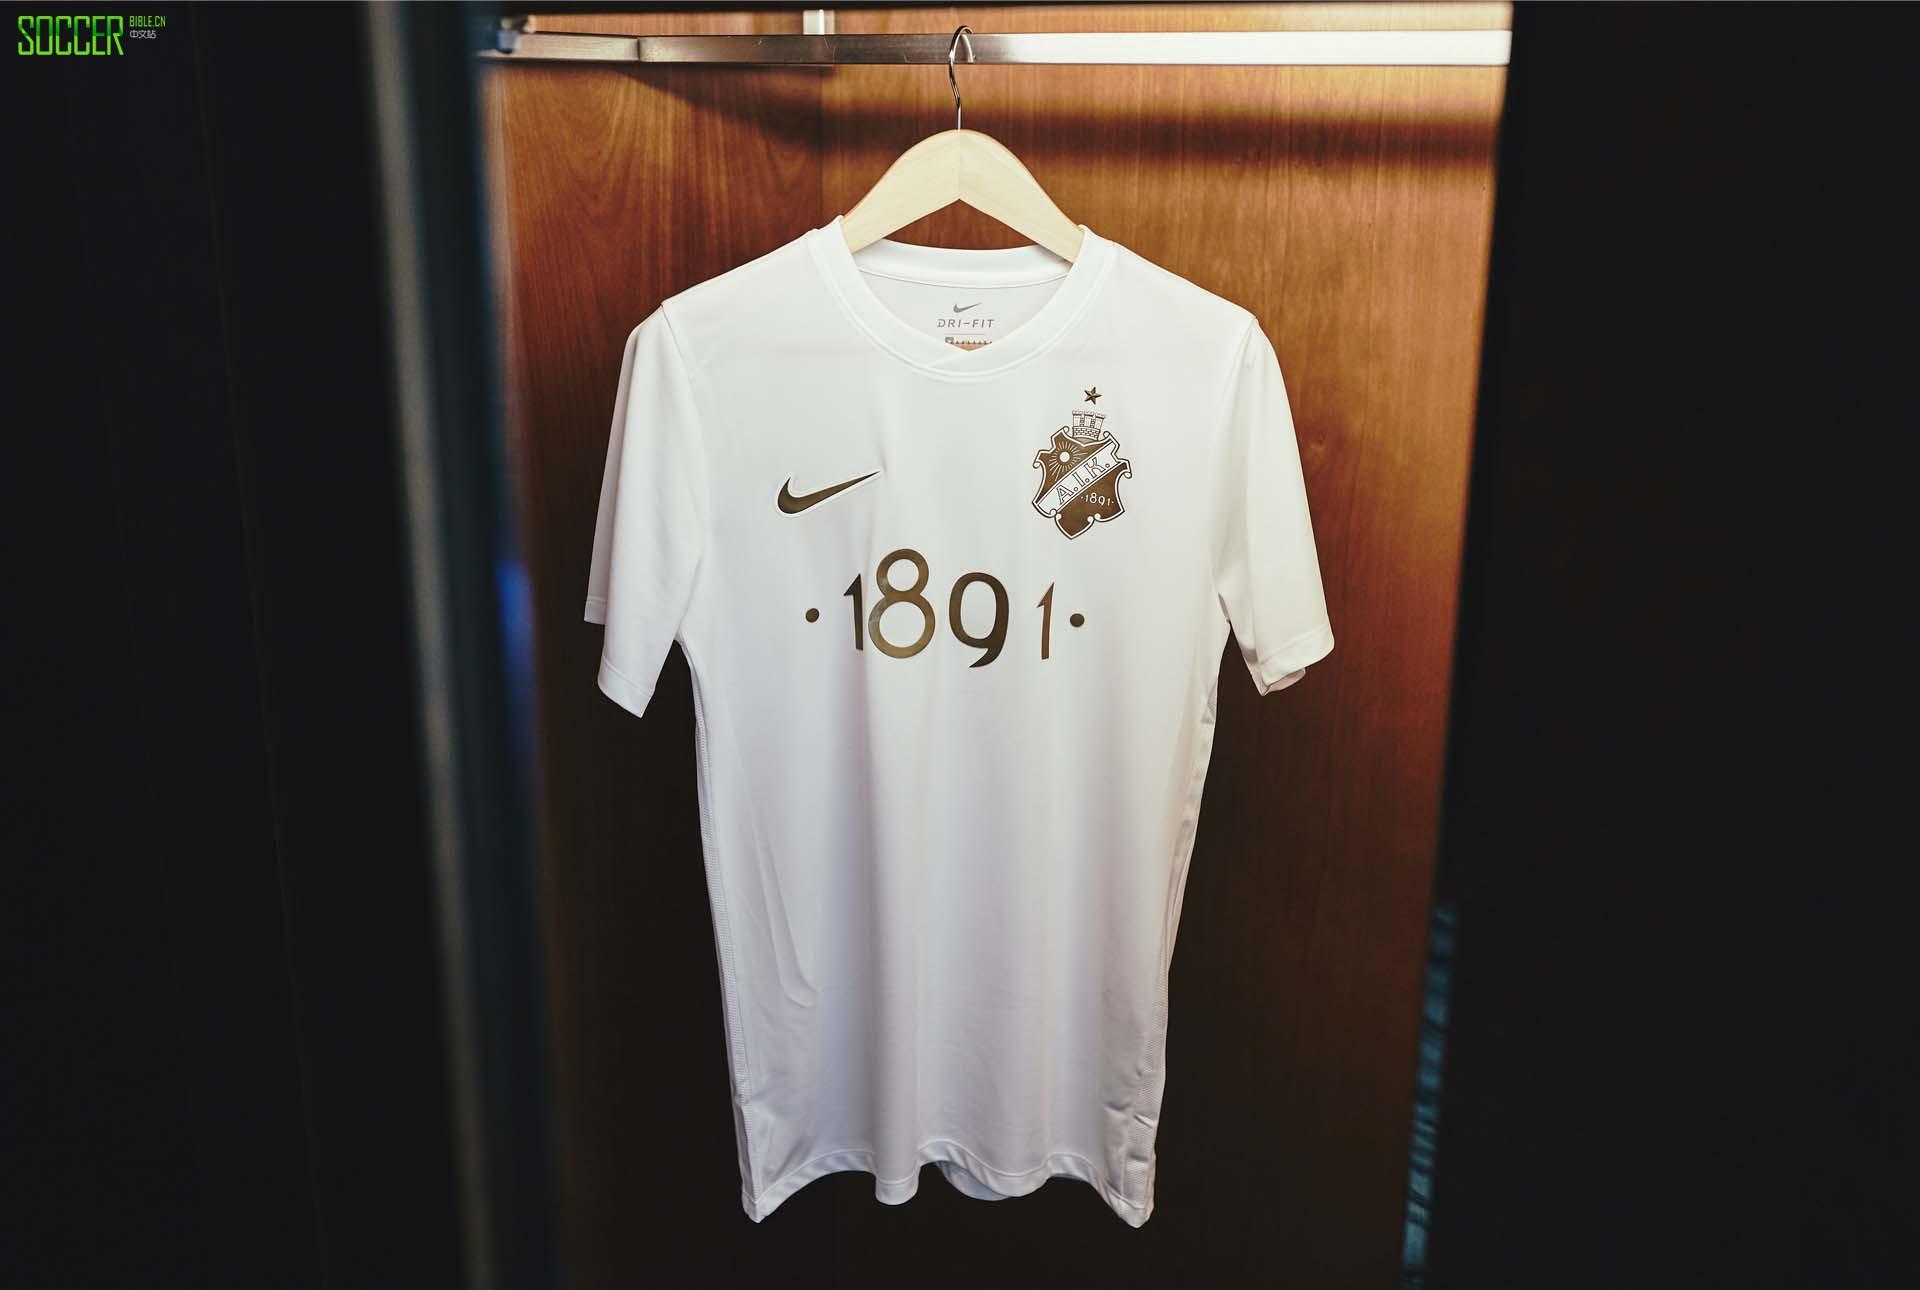 耐克推出Sublime AIK 1891白色版球衣